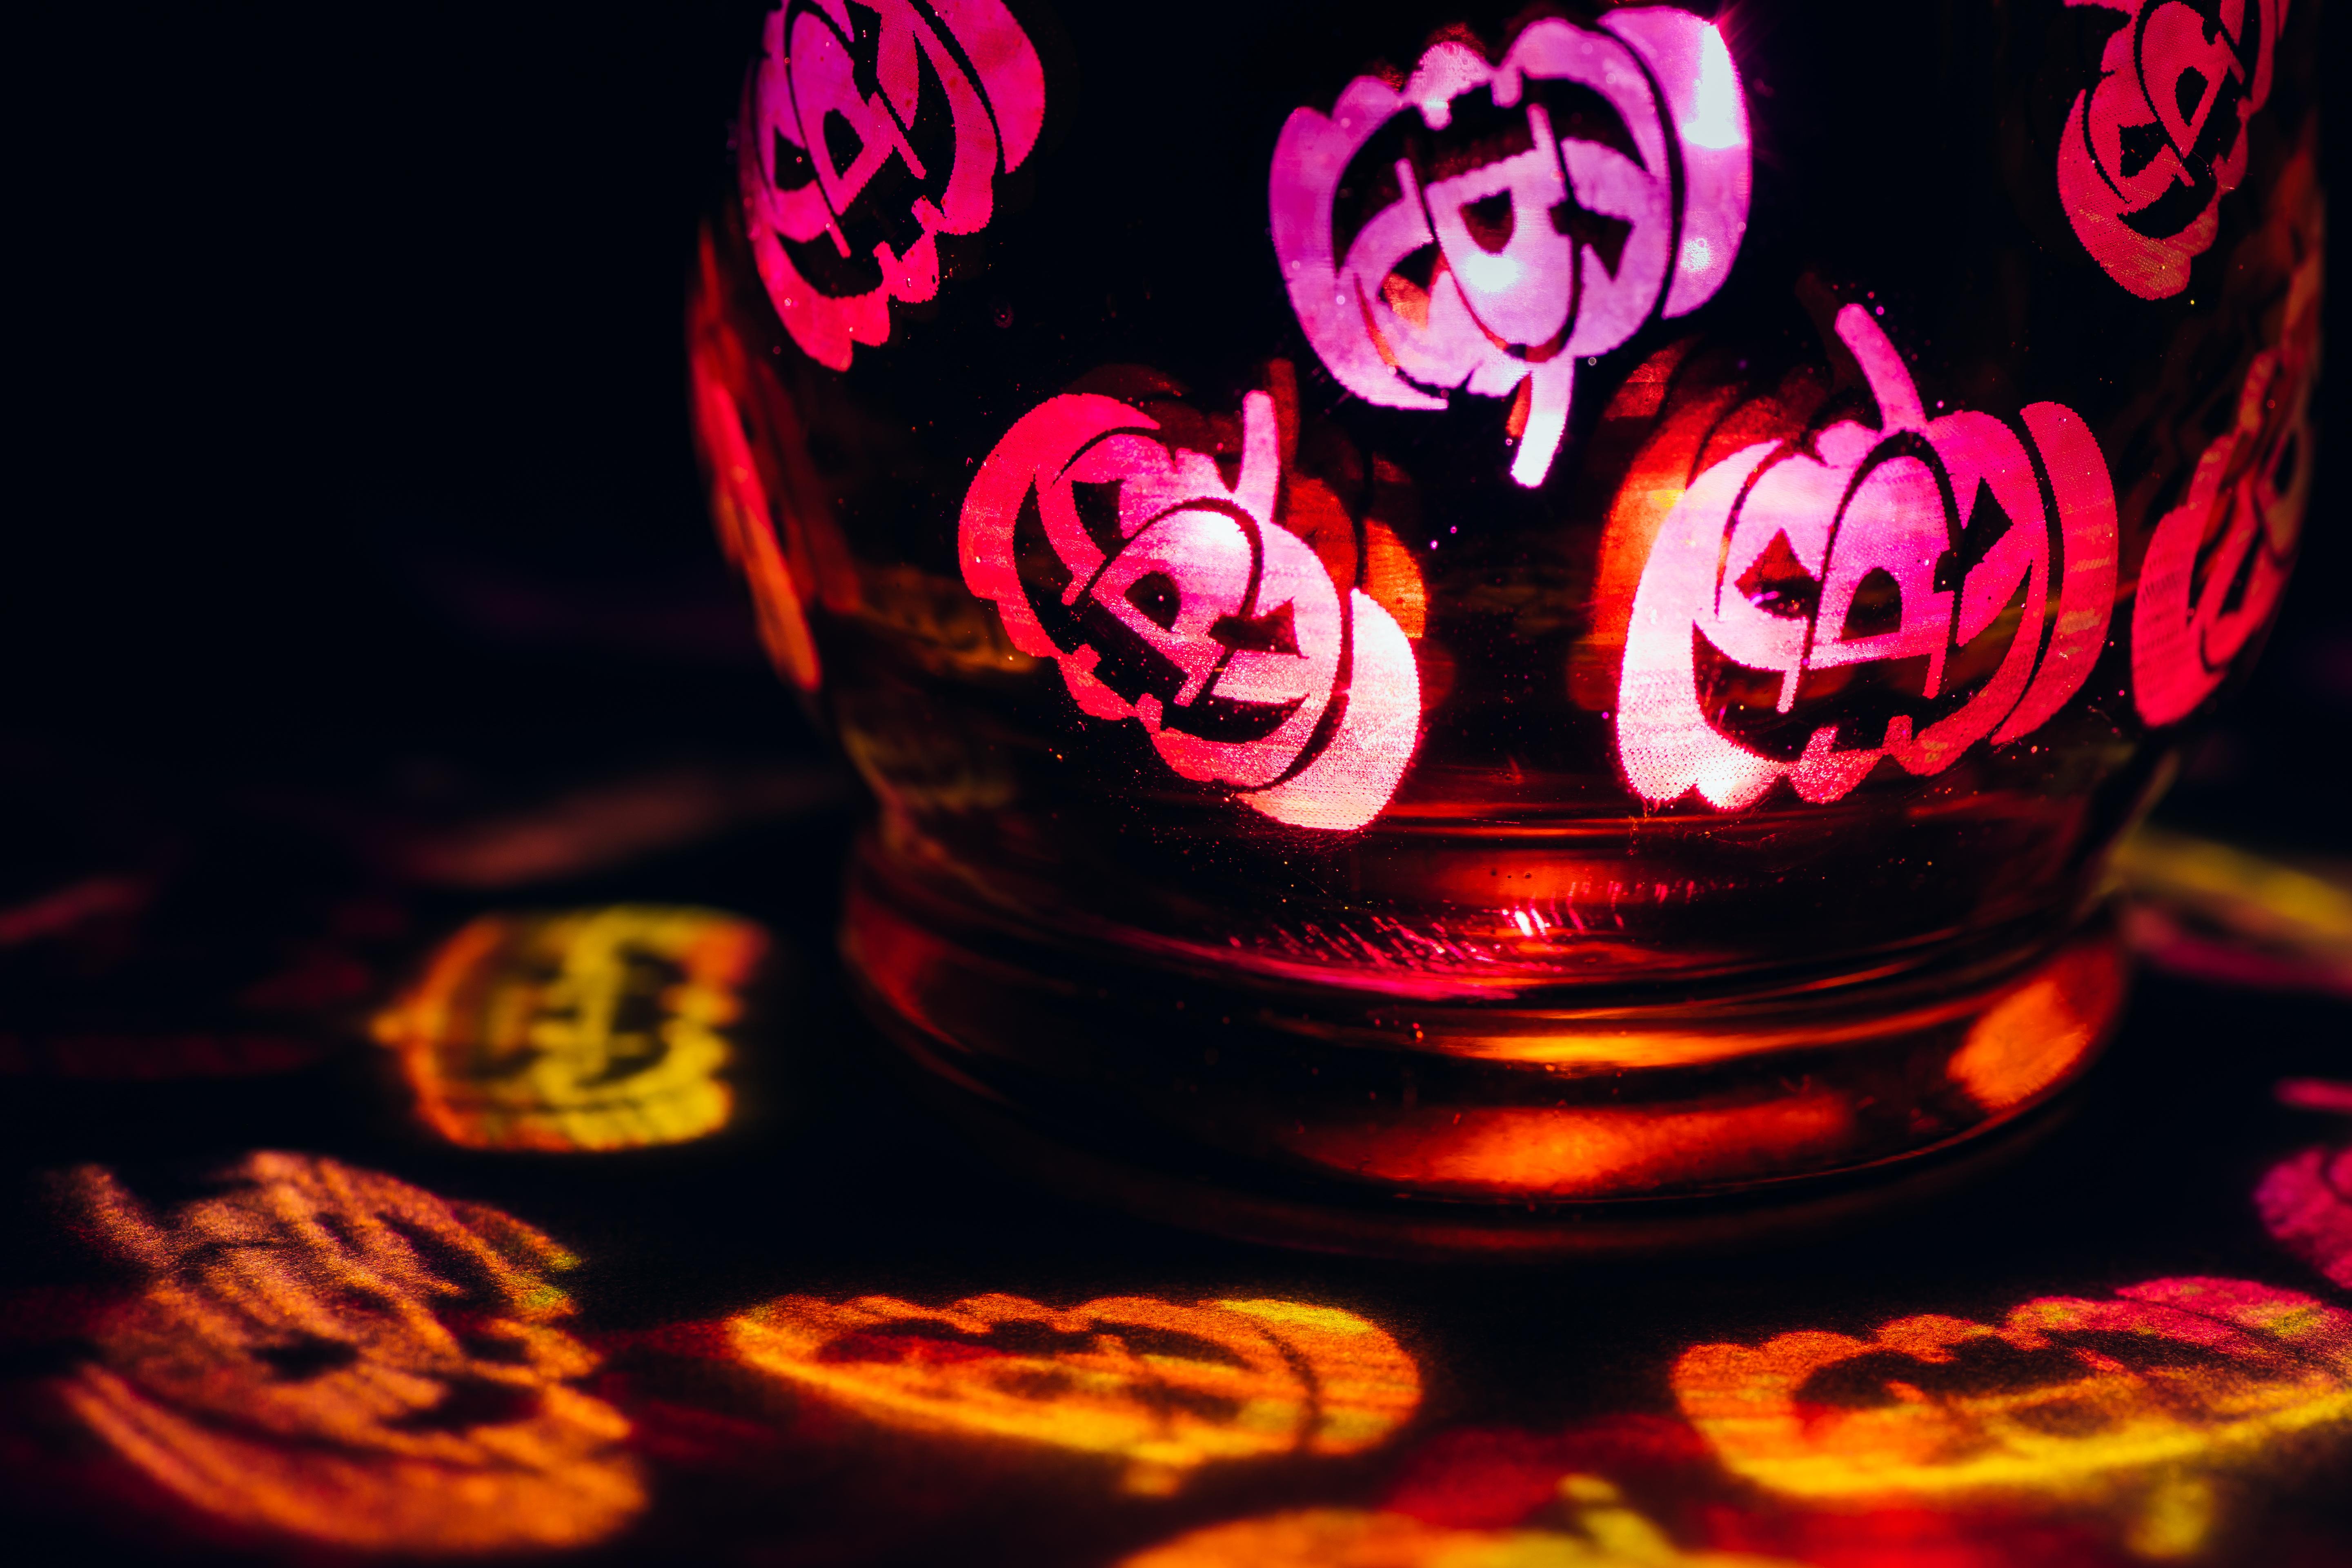 Gratis Afbeeldingen : licht, bloem, glas, spookachtig, rood, macro ...